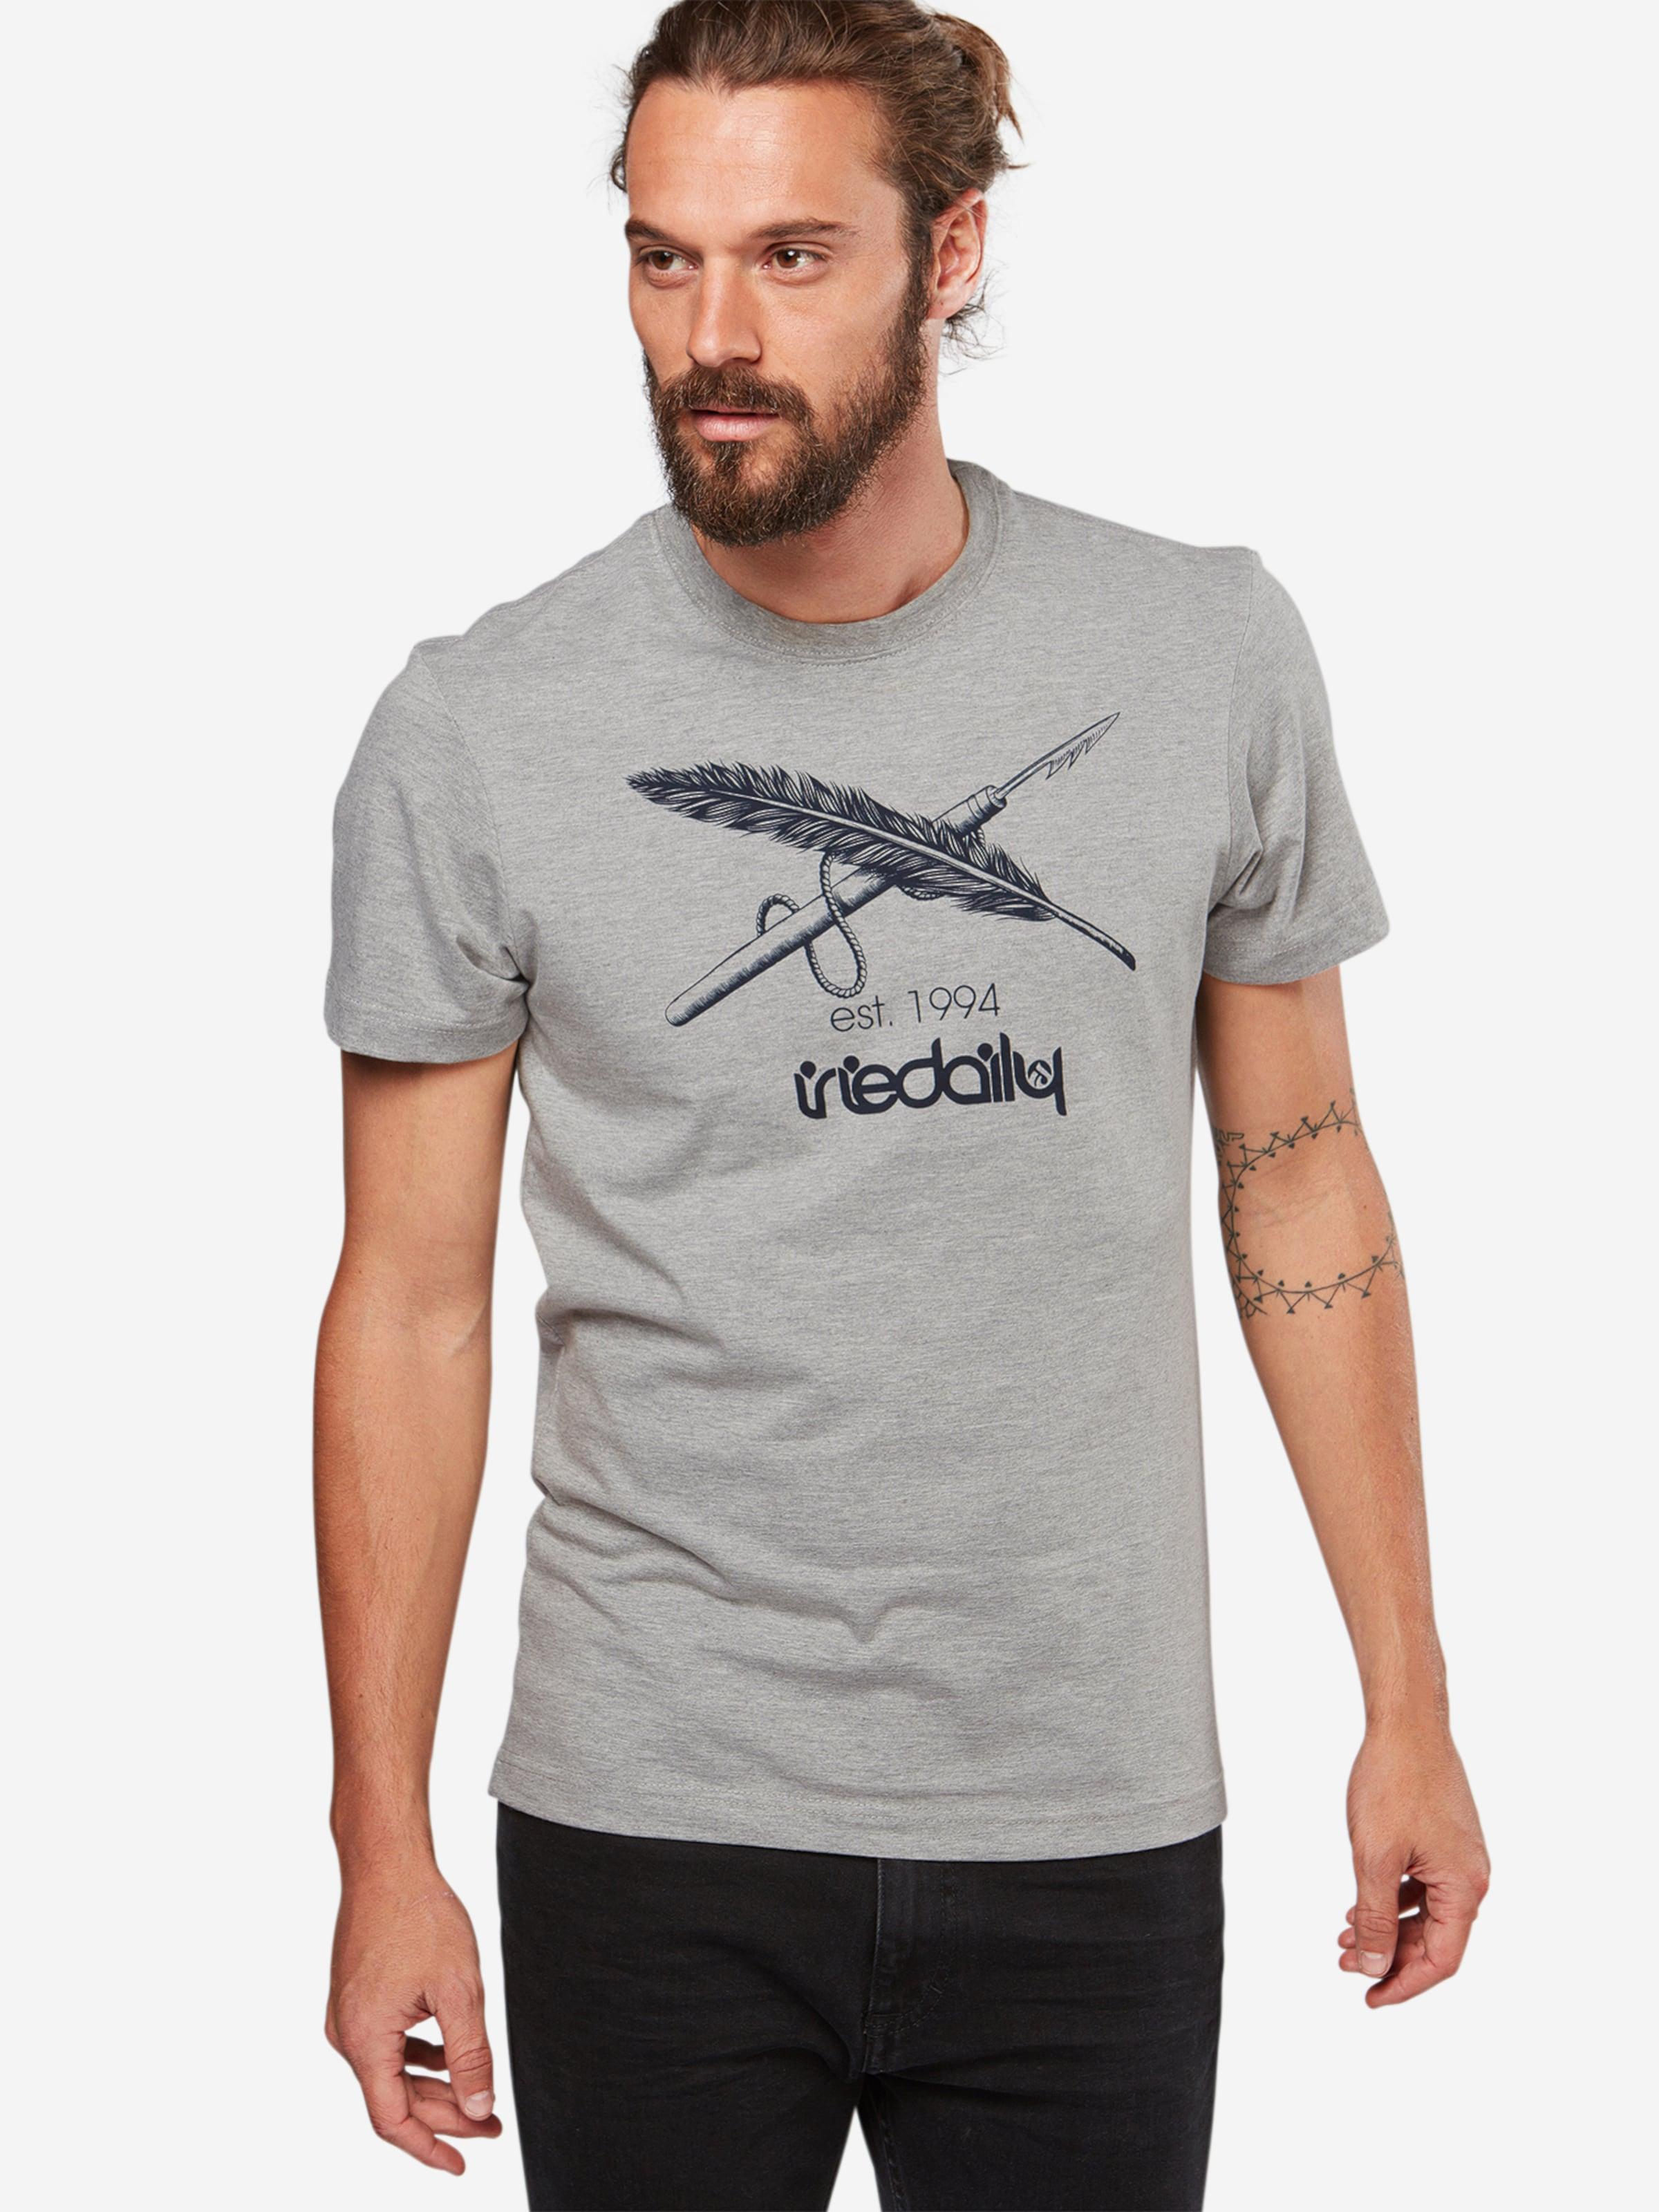 Chiné En Iriedaily T Gris shirt tCQxodBshr